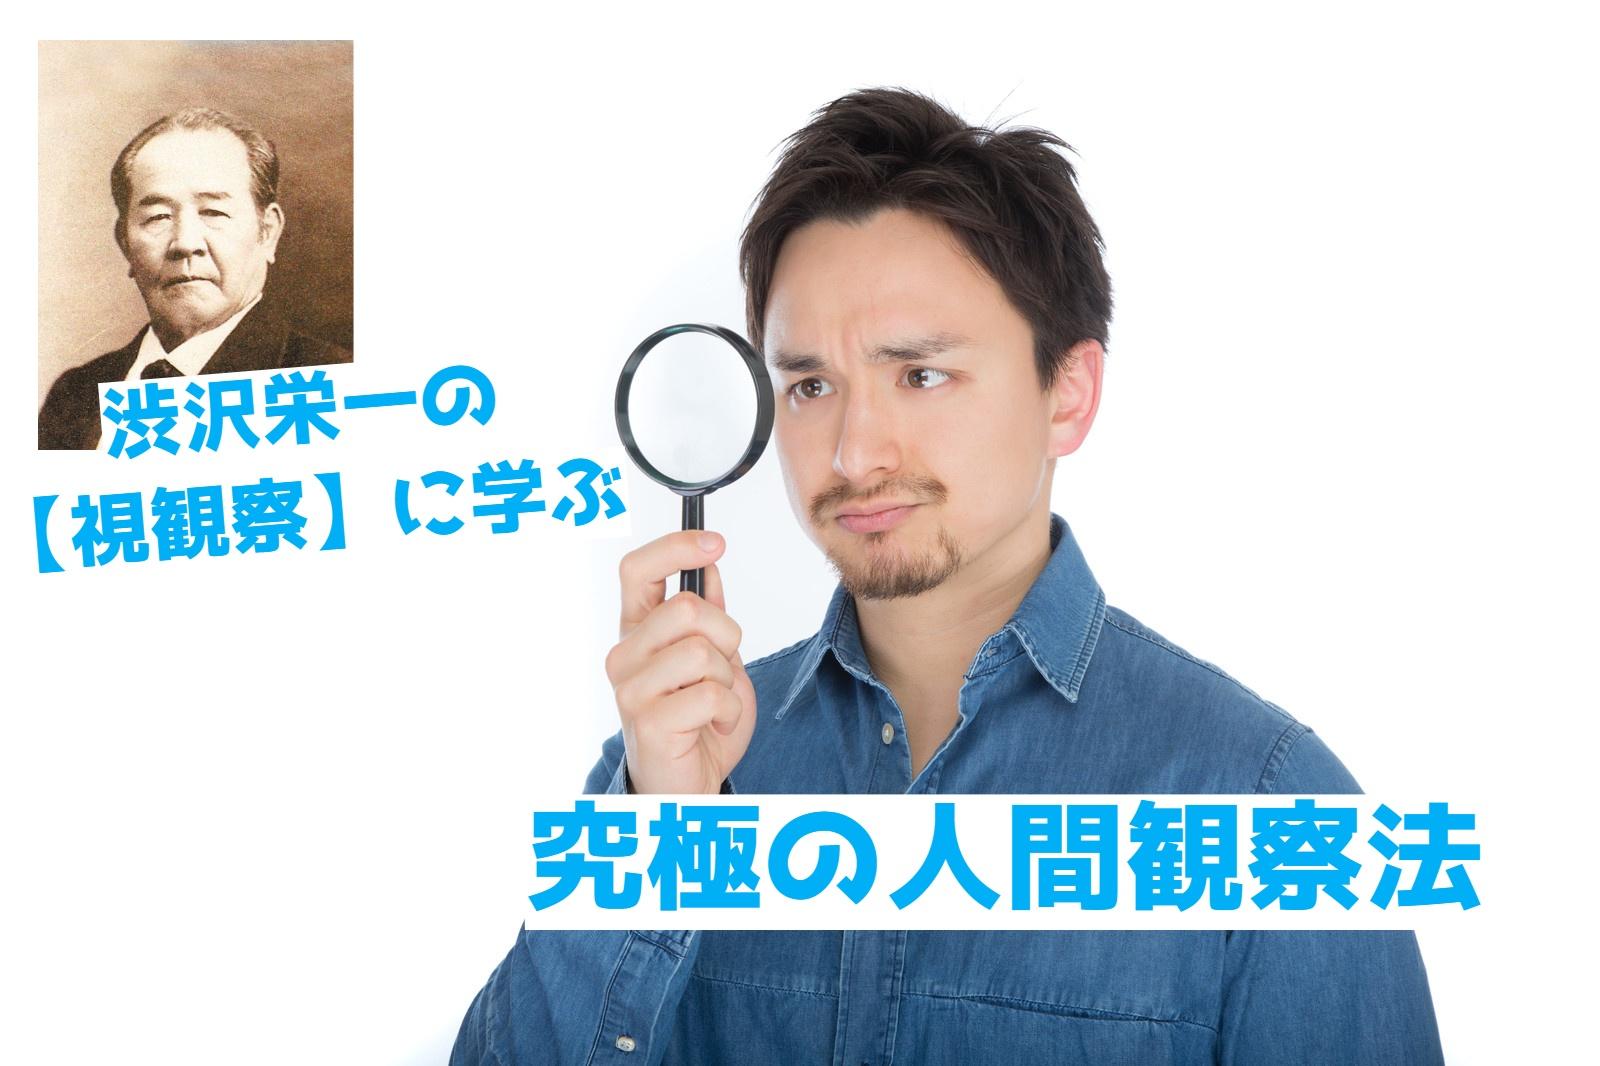 究極の人間観察法!渋沢栄一の【視観察】は人の本質を見抜く